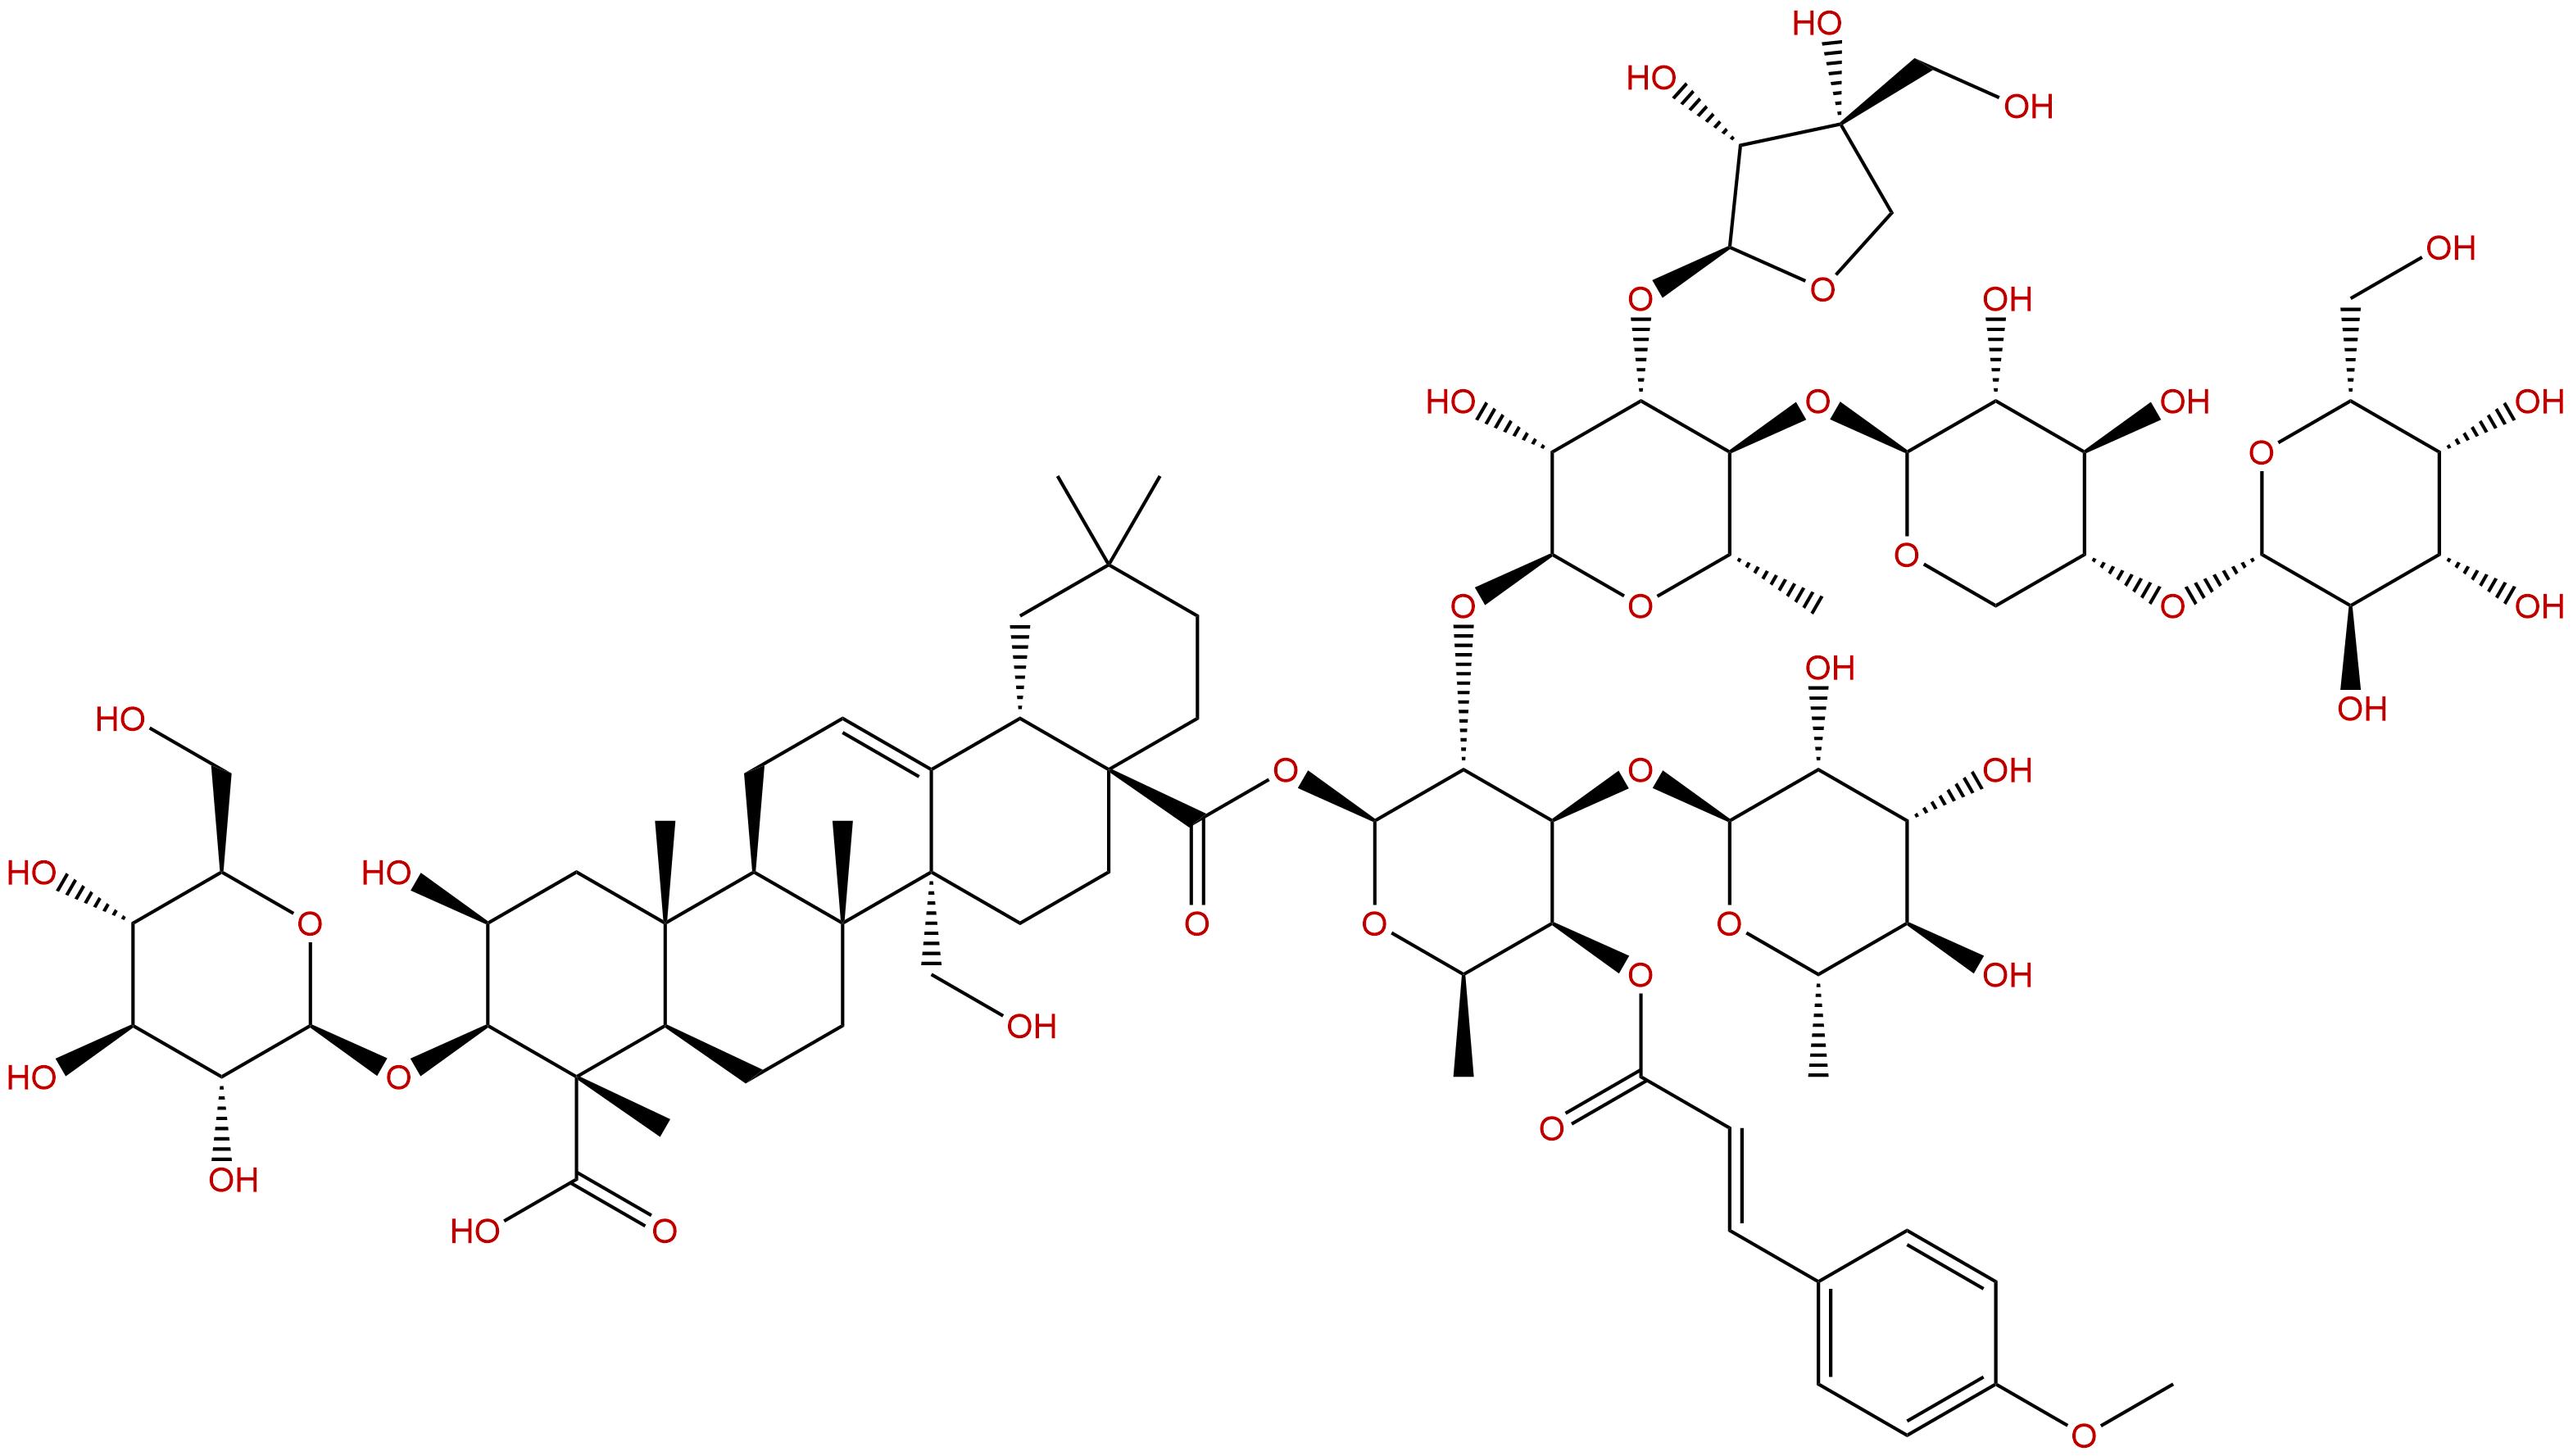 Onjisaponin A